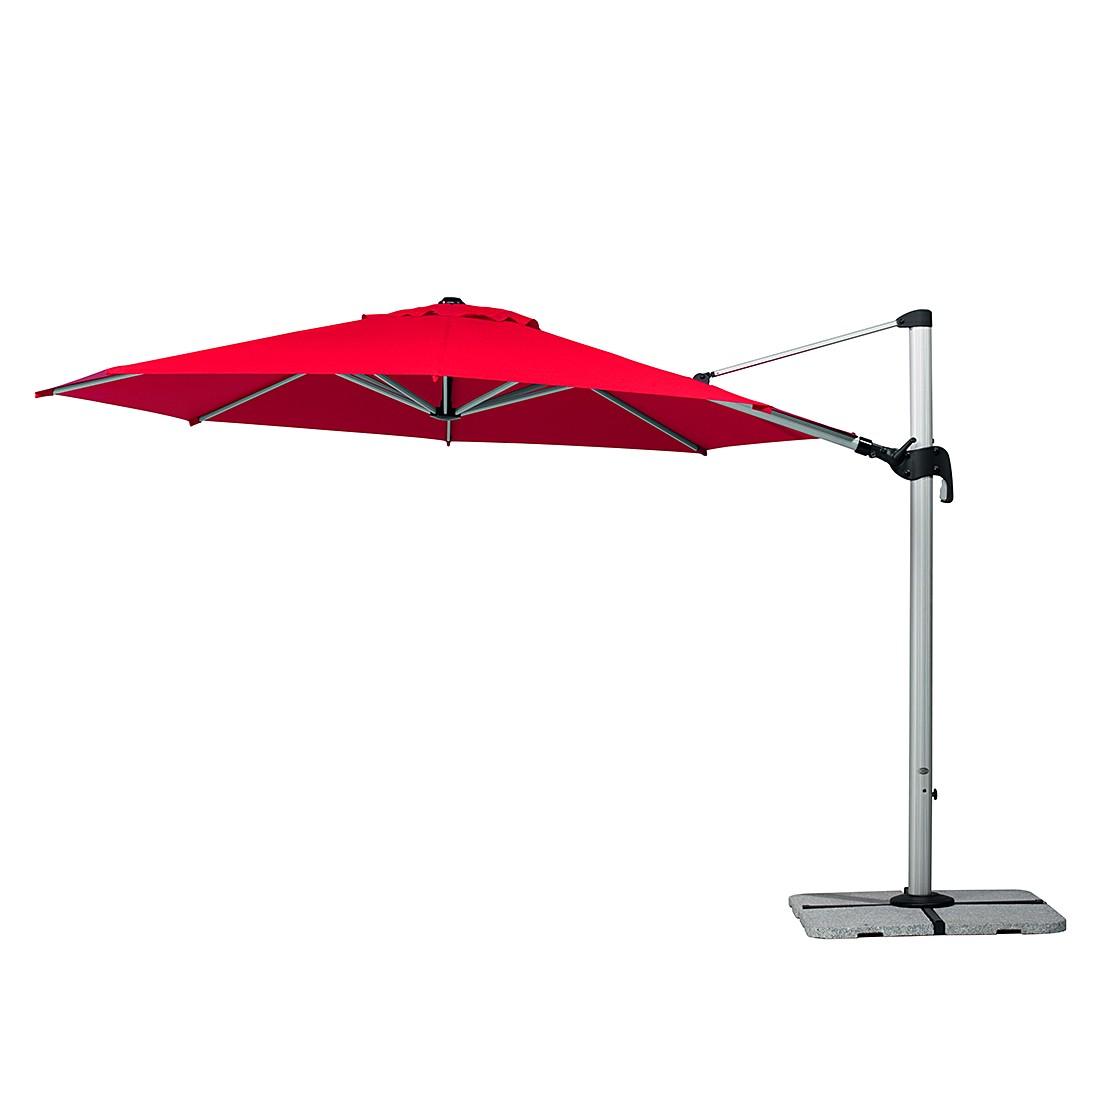 Barbados 350 Sonnenschirm - Aluminium/Polyester - Silber/Rot, Schneider Schirme